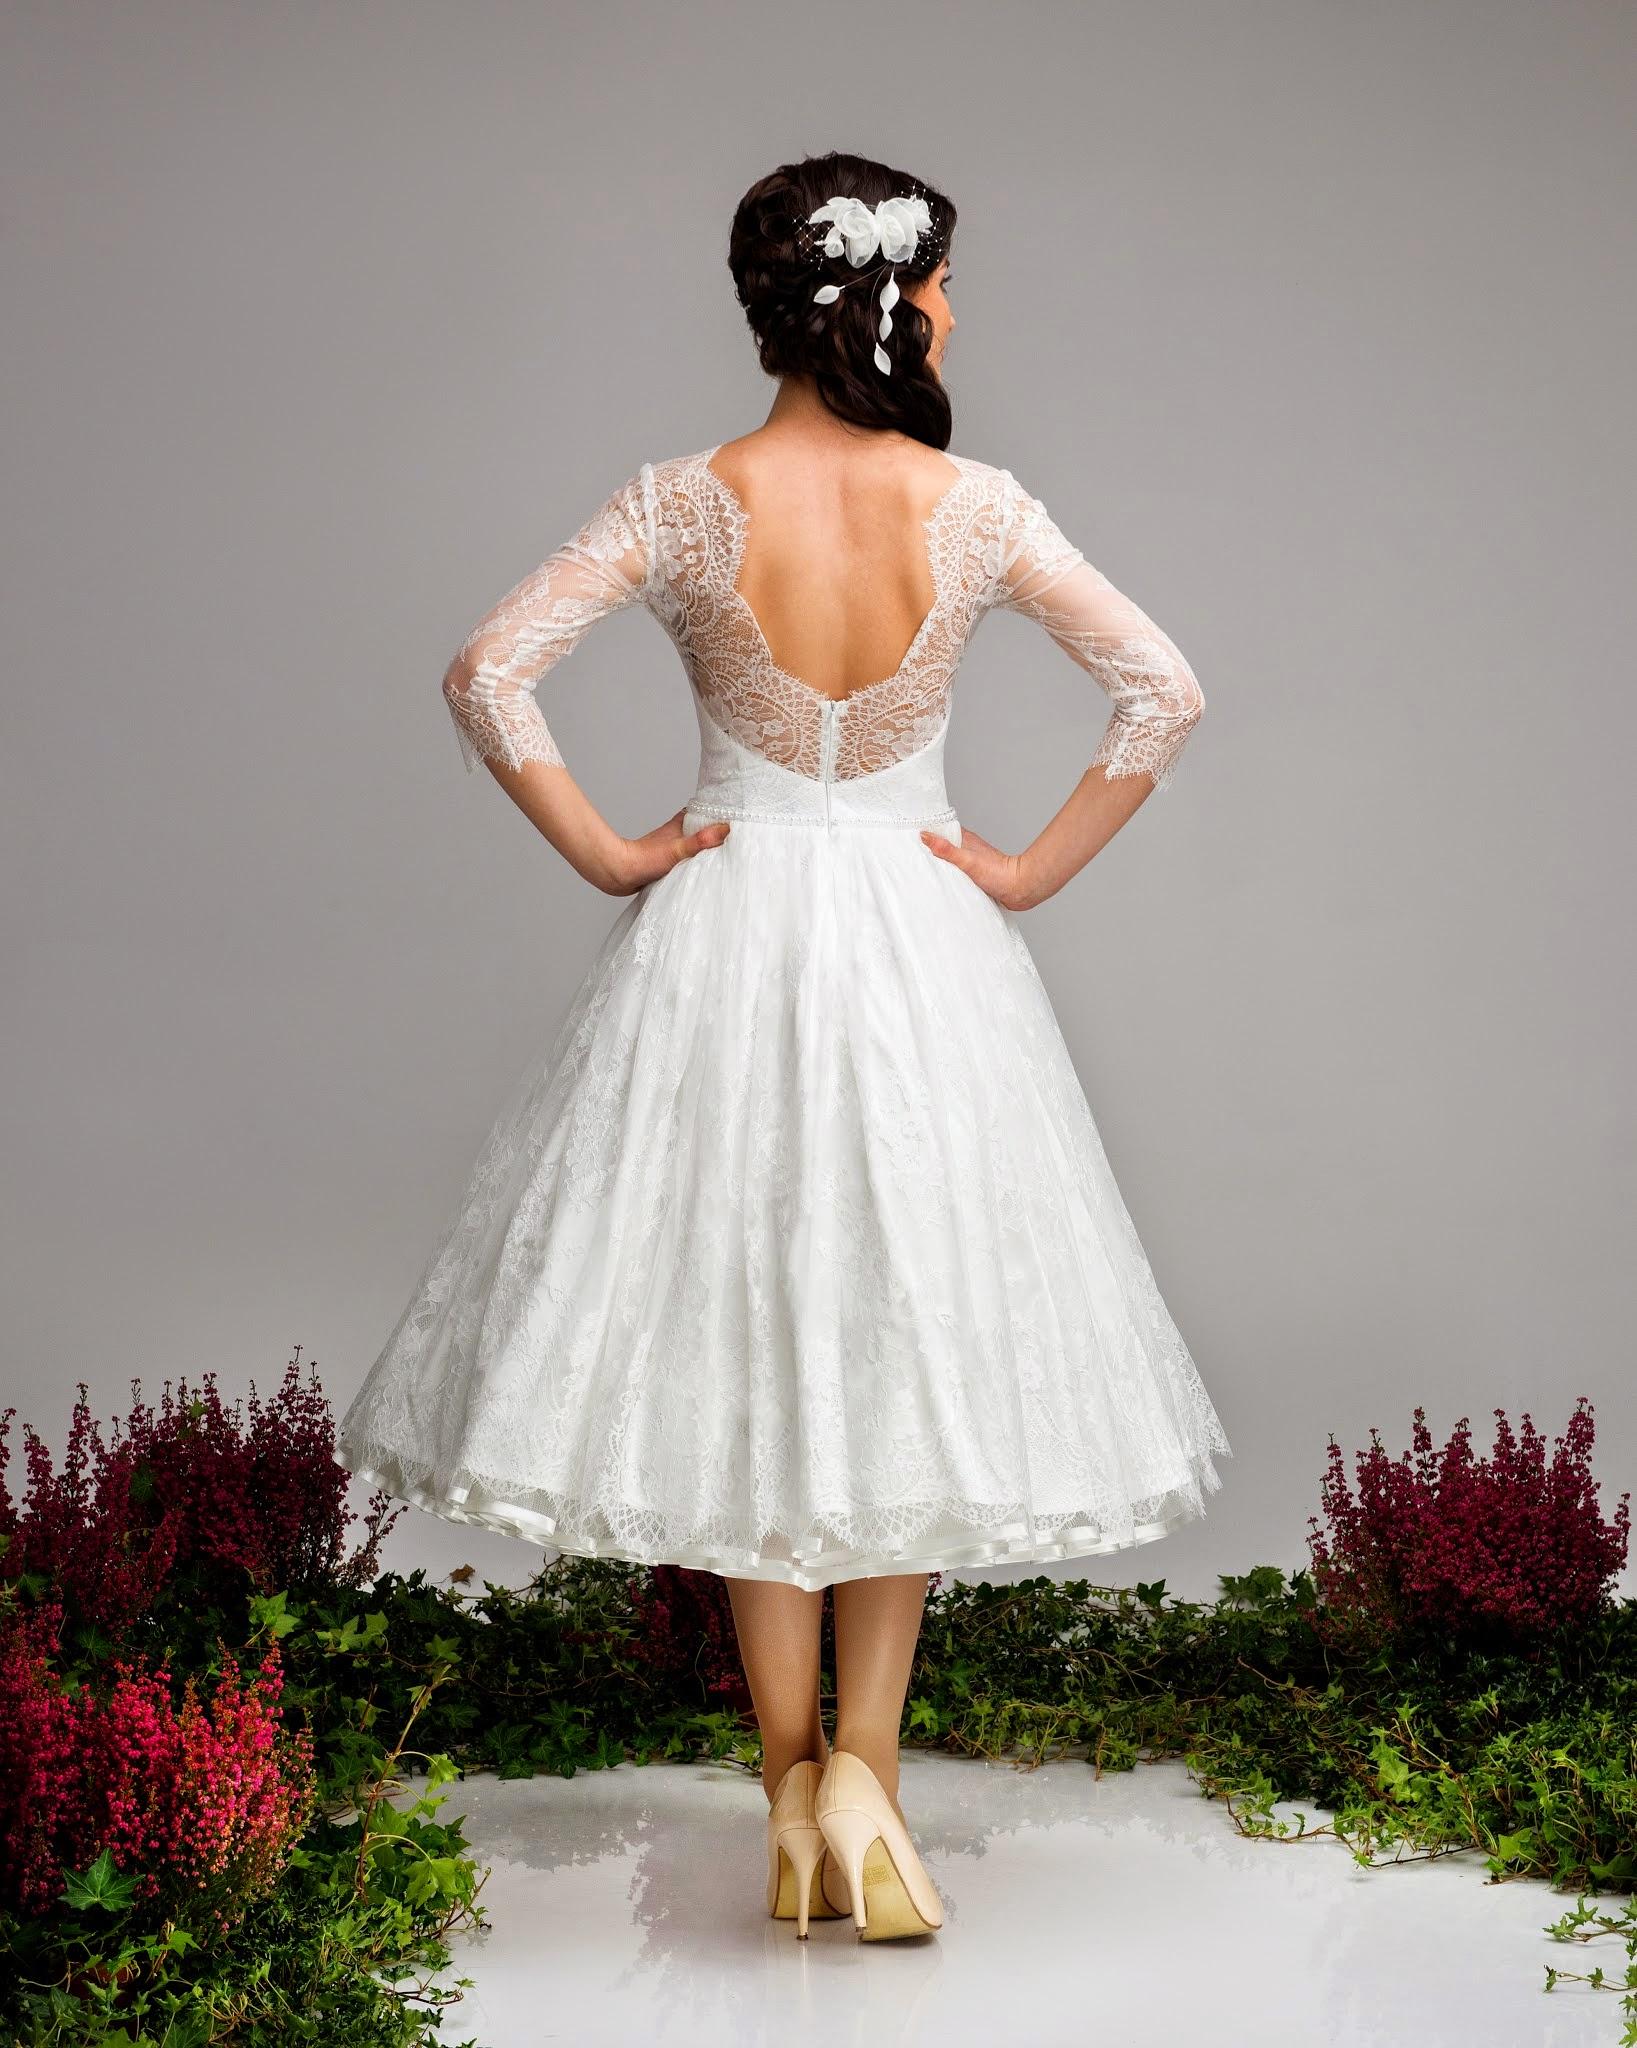 Kurzes Spitzen-Brautkleid Hochzeitskleid Cindy 17-er Stil